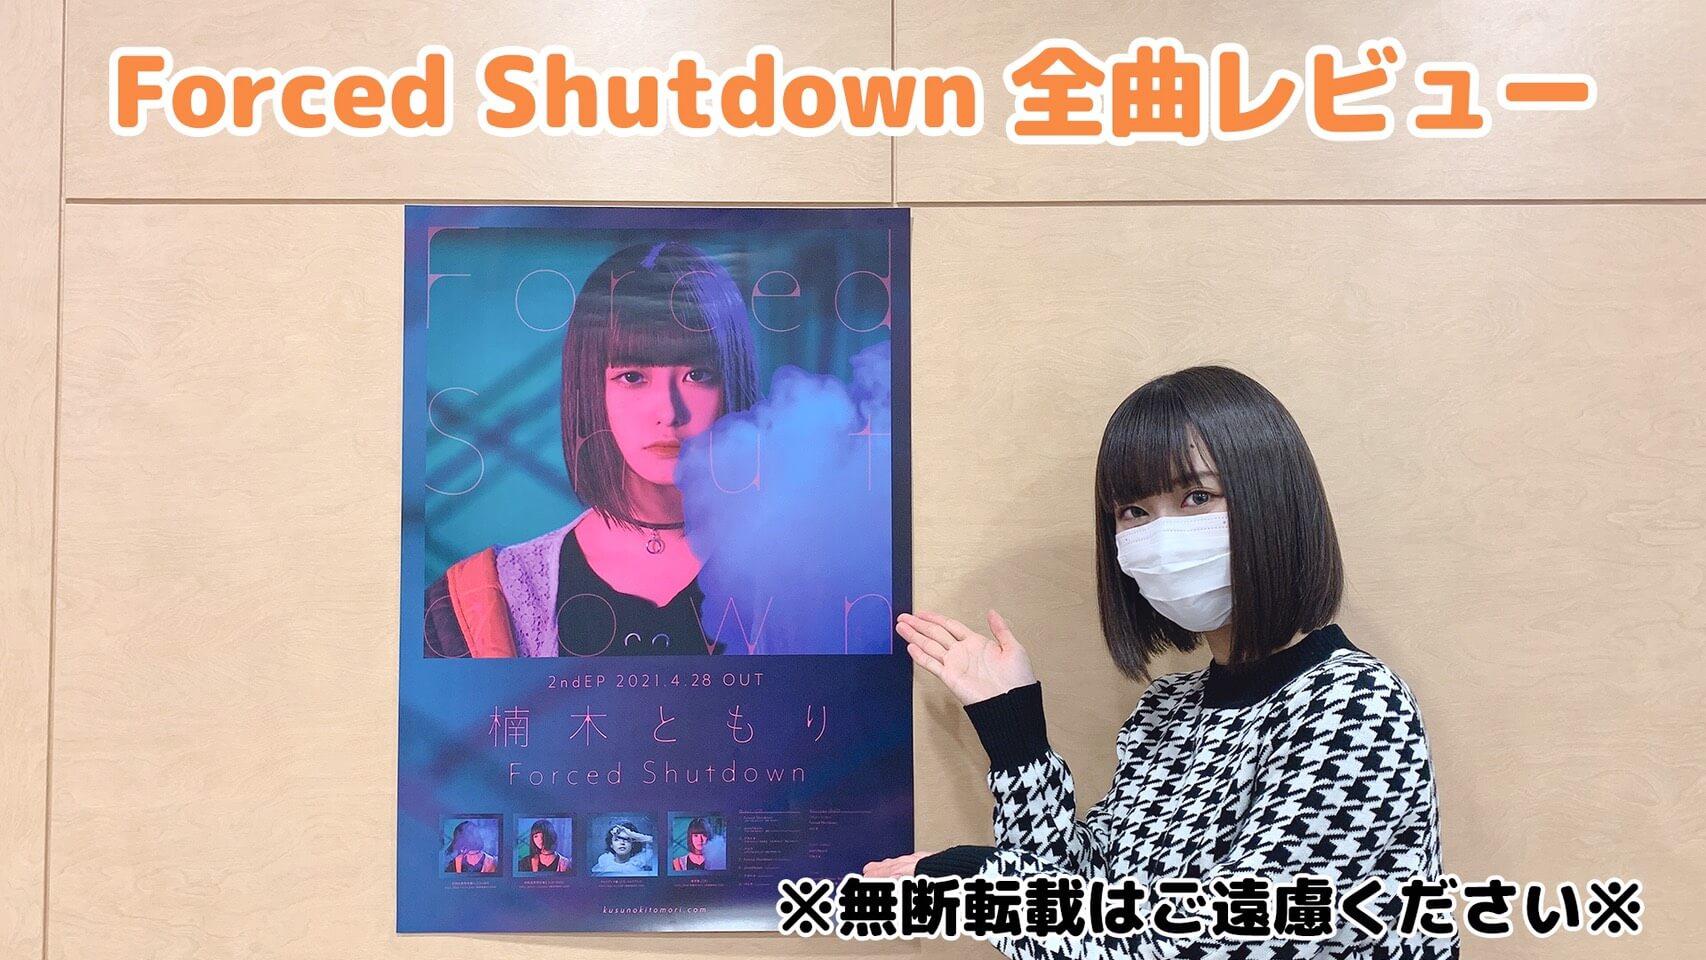 【楠木ともりThe Music Reverie】Forced Shutdown全曲レビュー